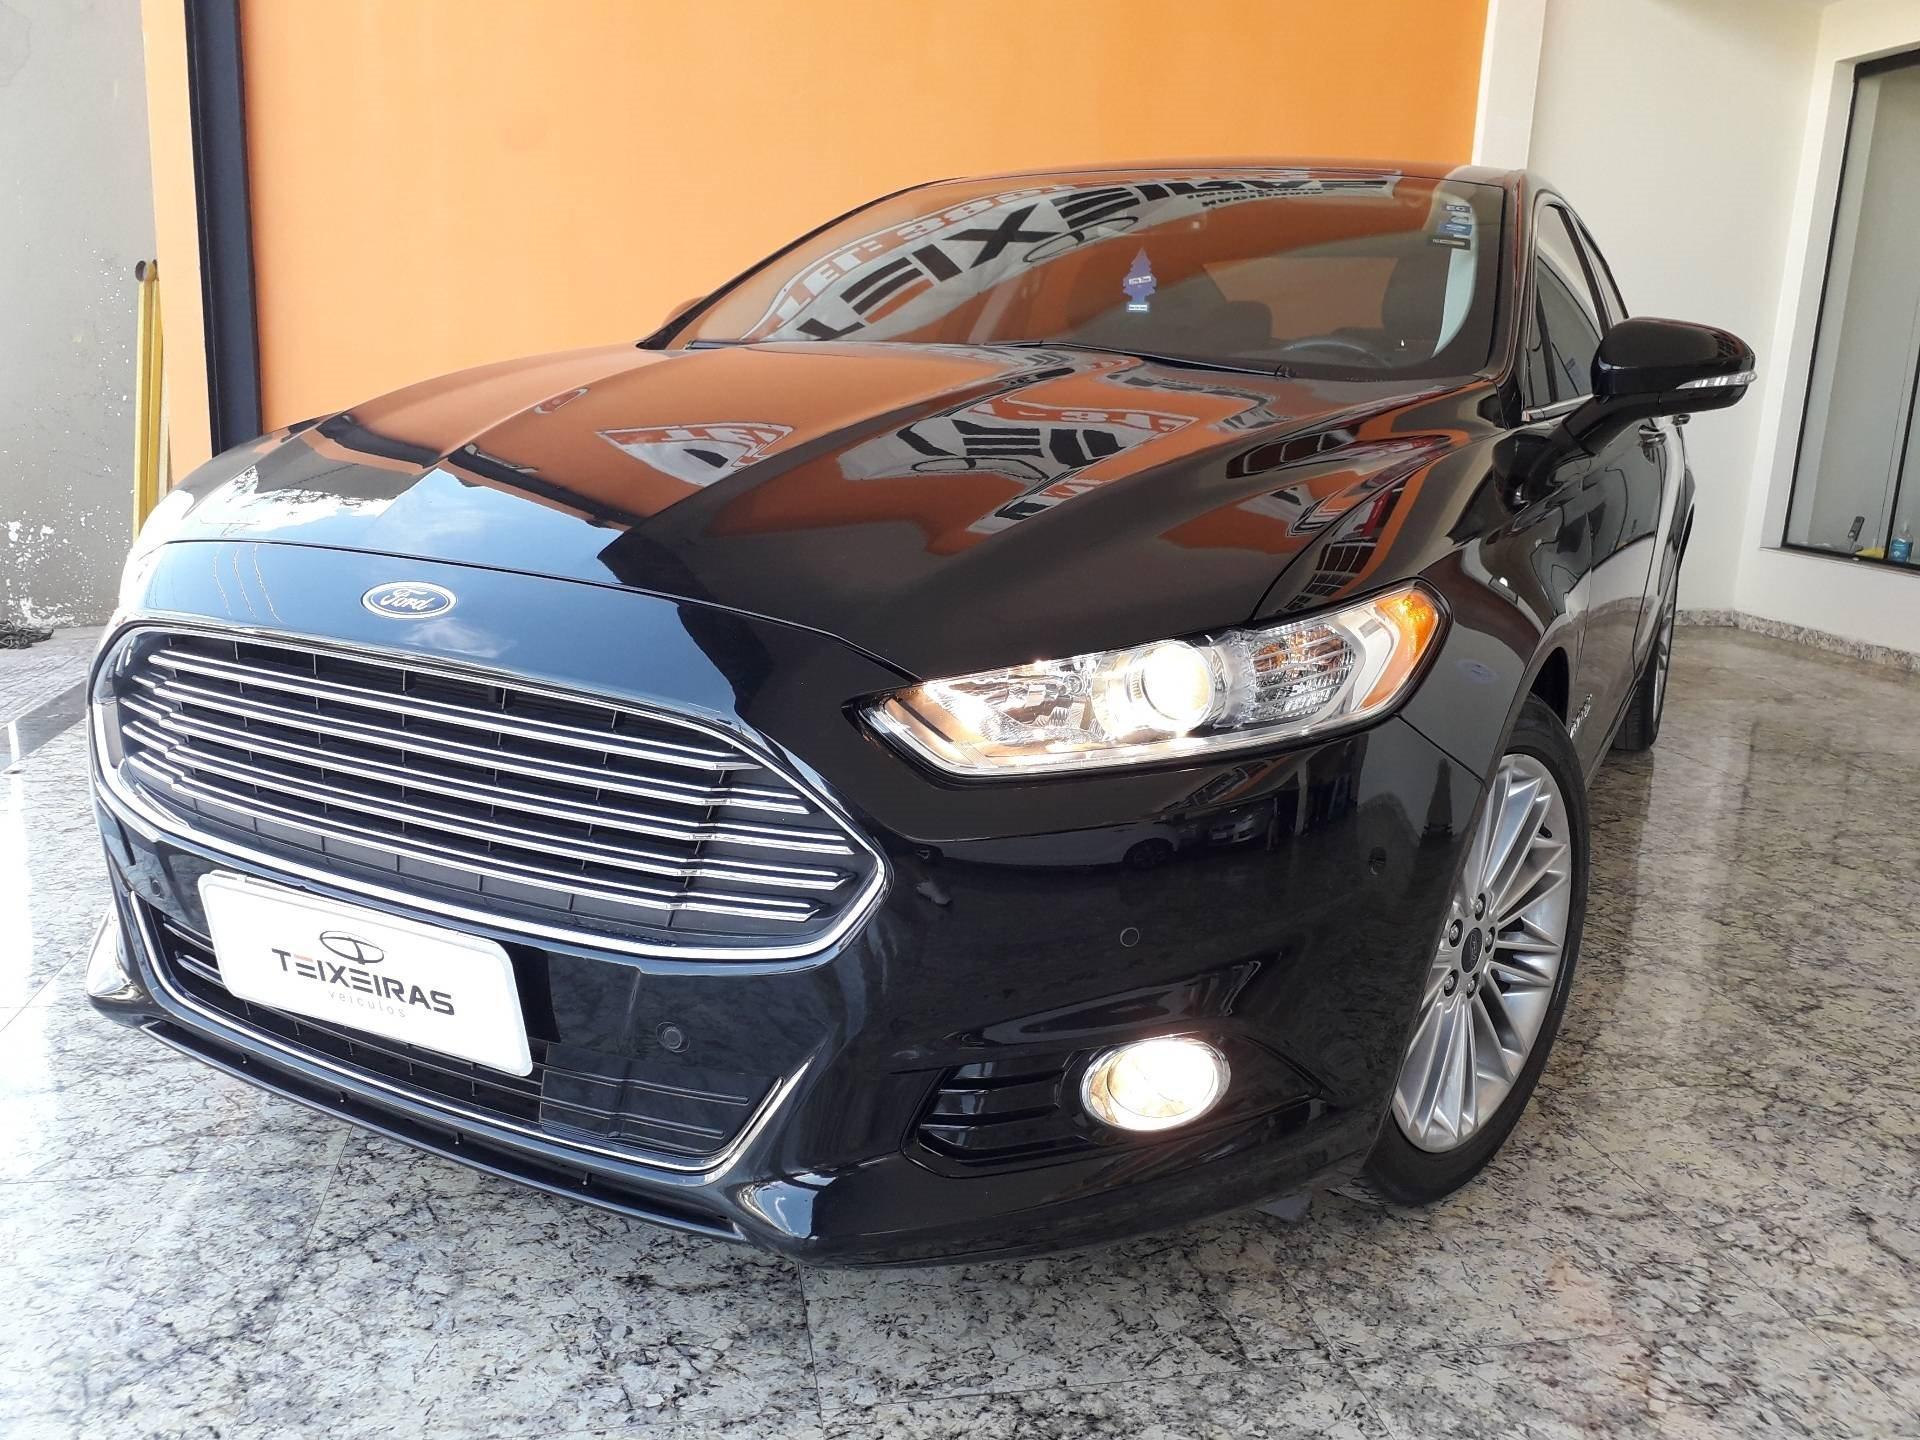 Ford Fusion 2.0 Titanium 16v Hibrido 4p Automatico Wmimagem21042138854